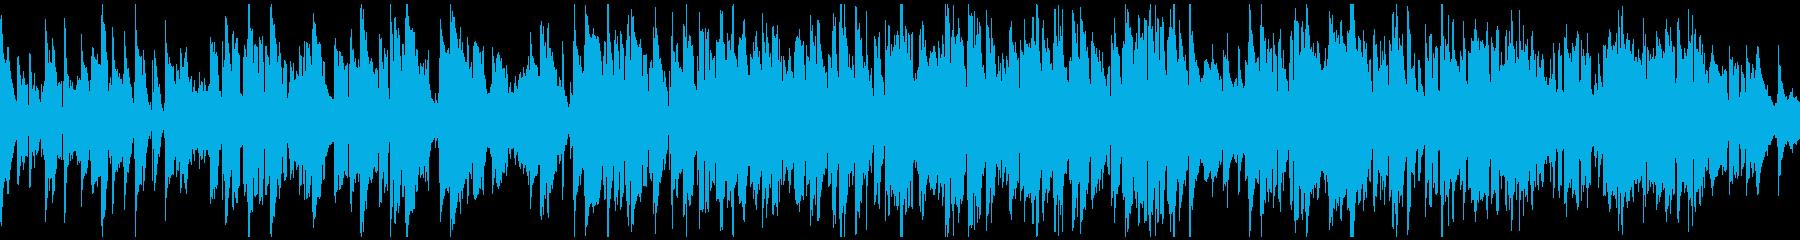 嬉しい雰囲気のスローなジャズ ※ループ版の再生済みの波形